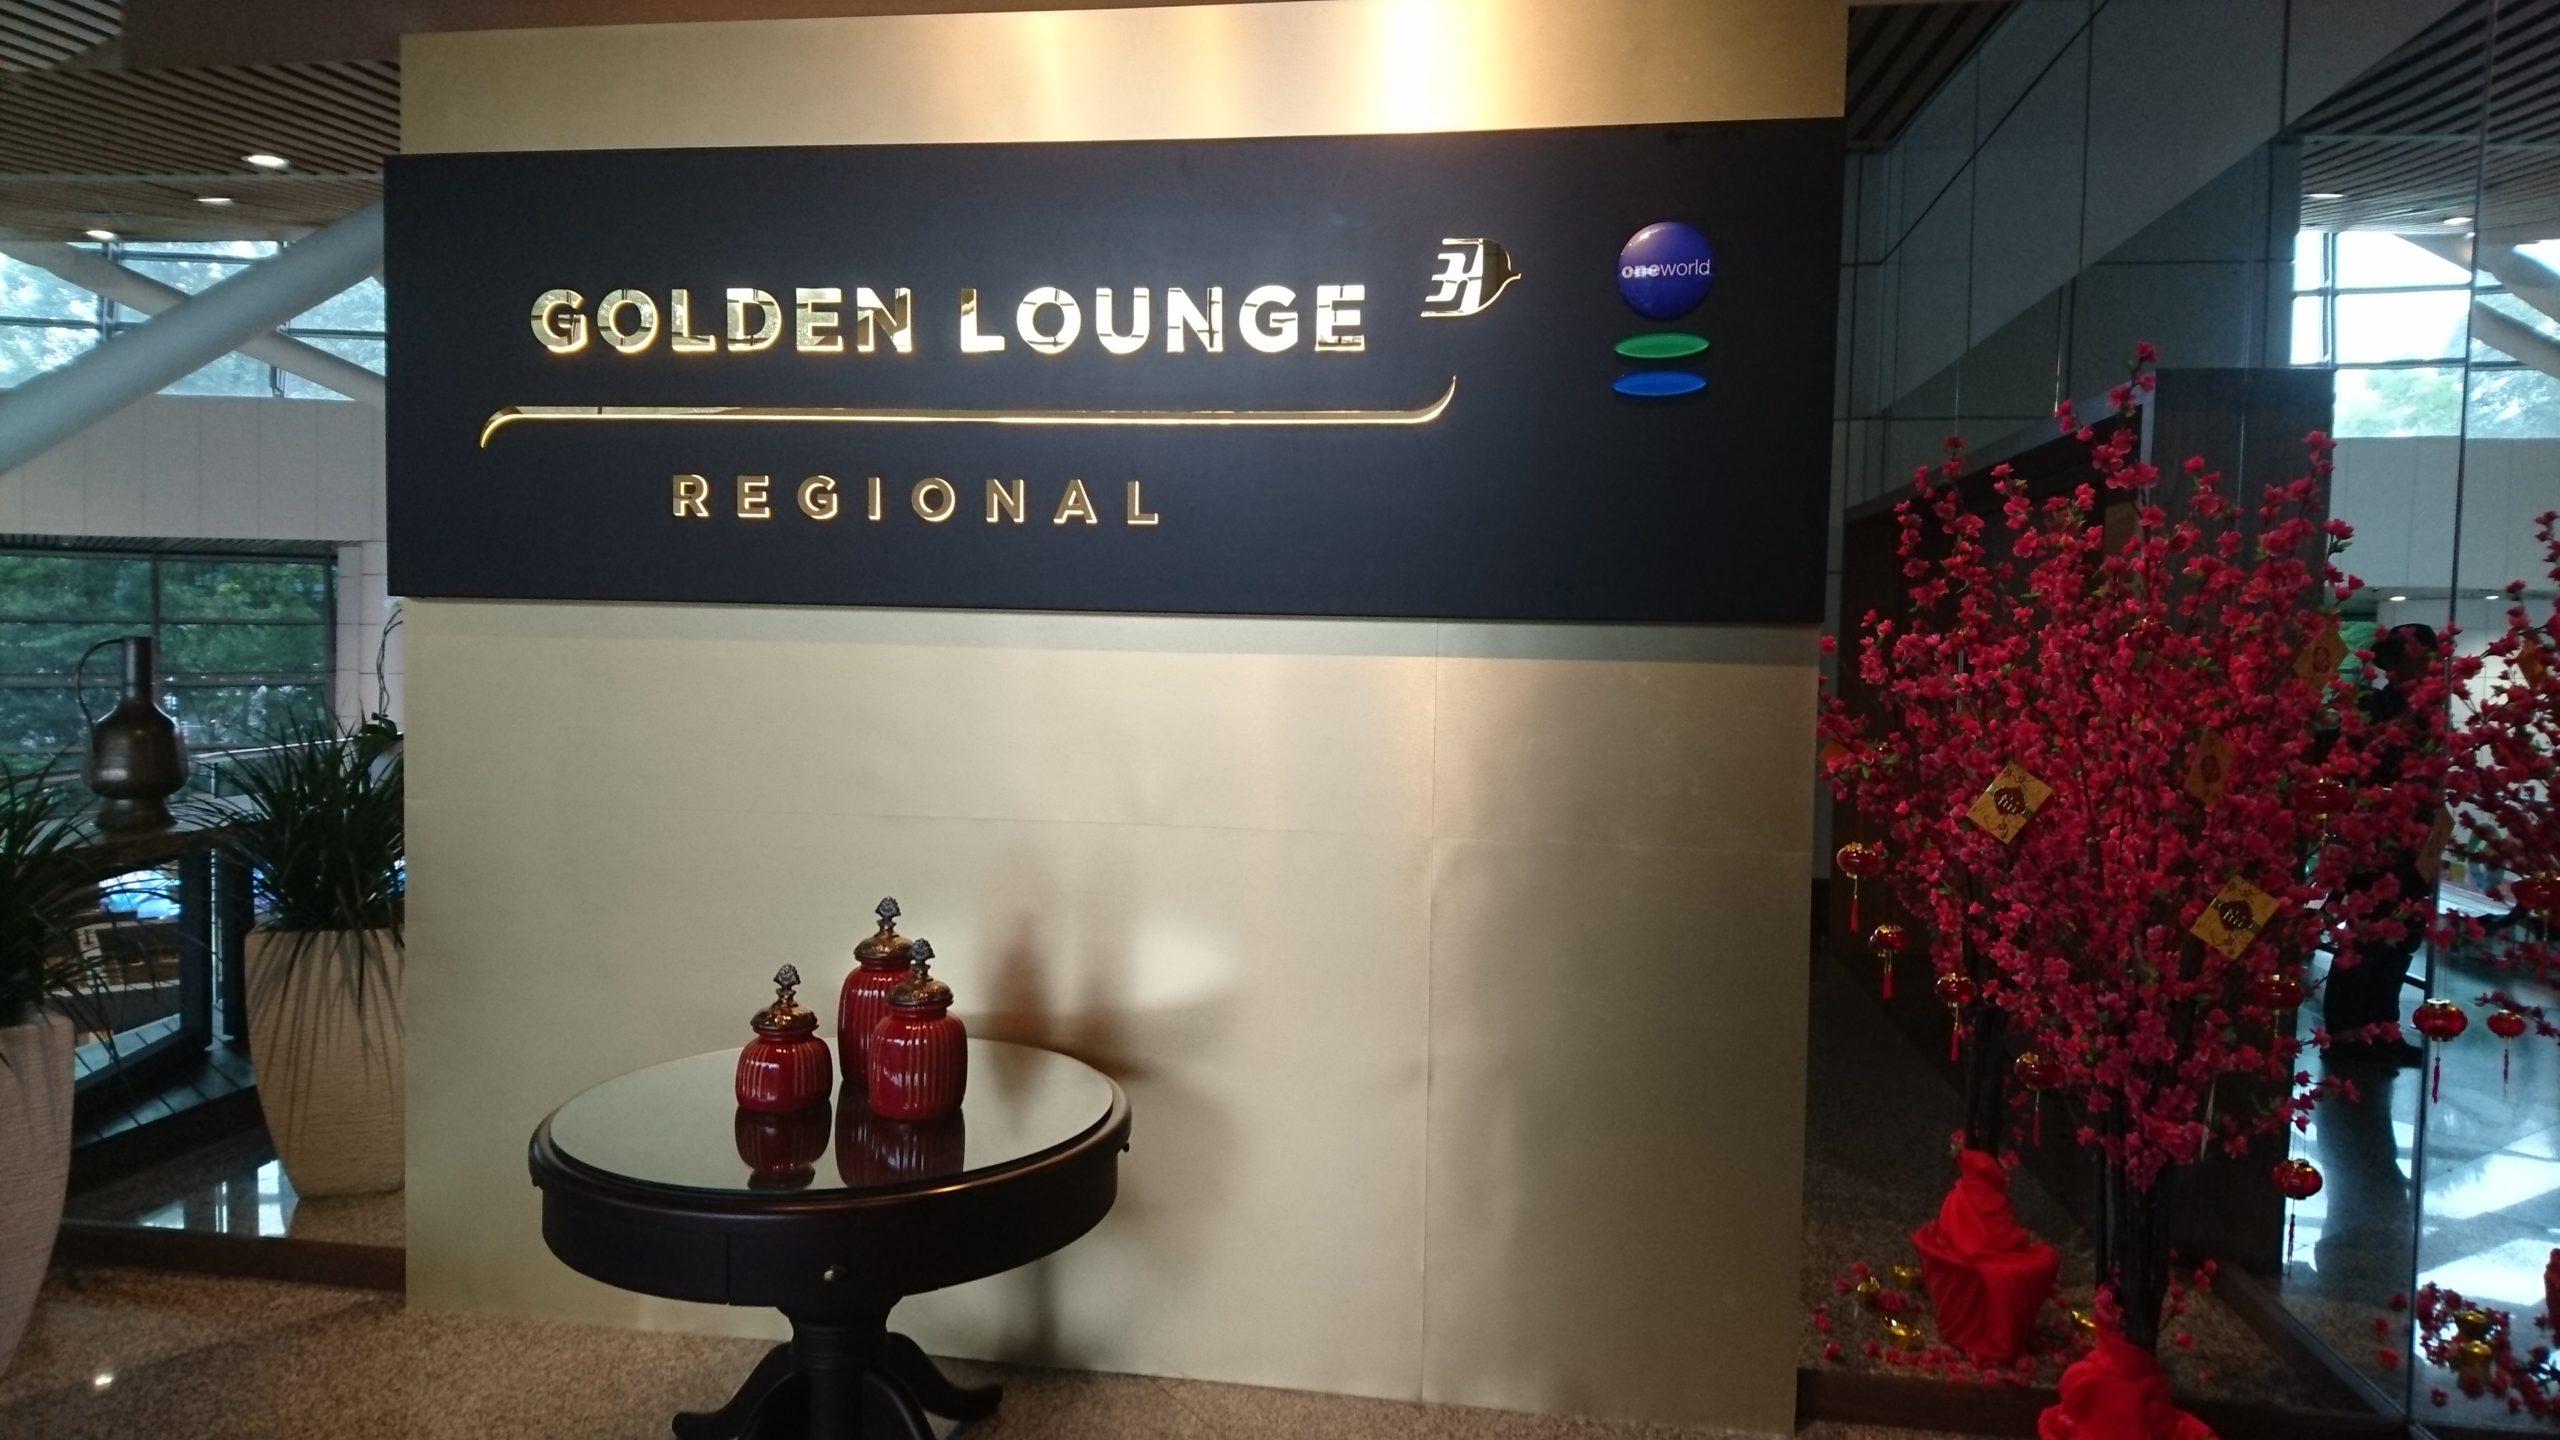 クアラルンプール空港 マレーシア航空 GOLDEN LOUNGE